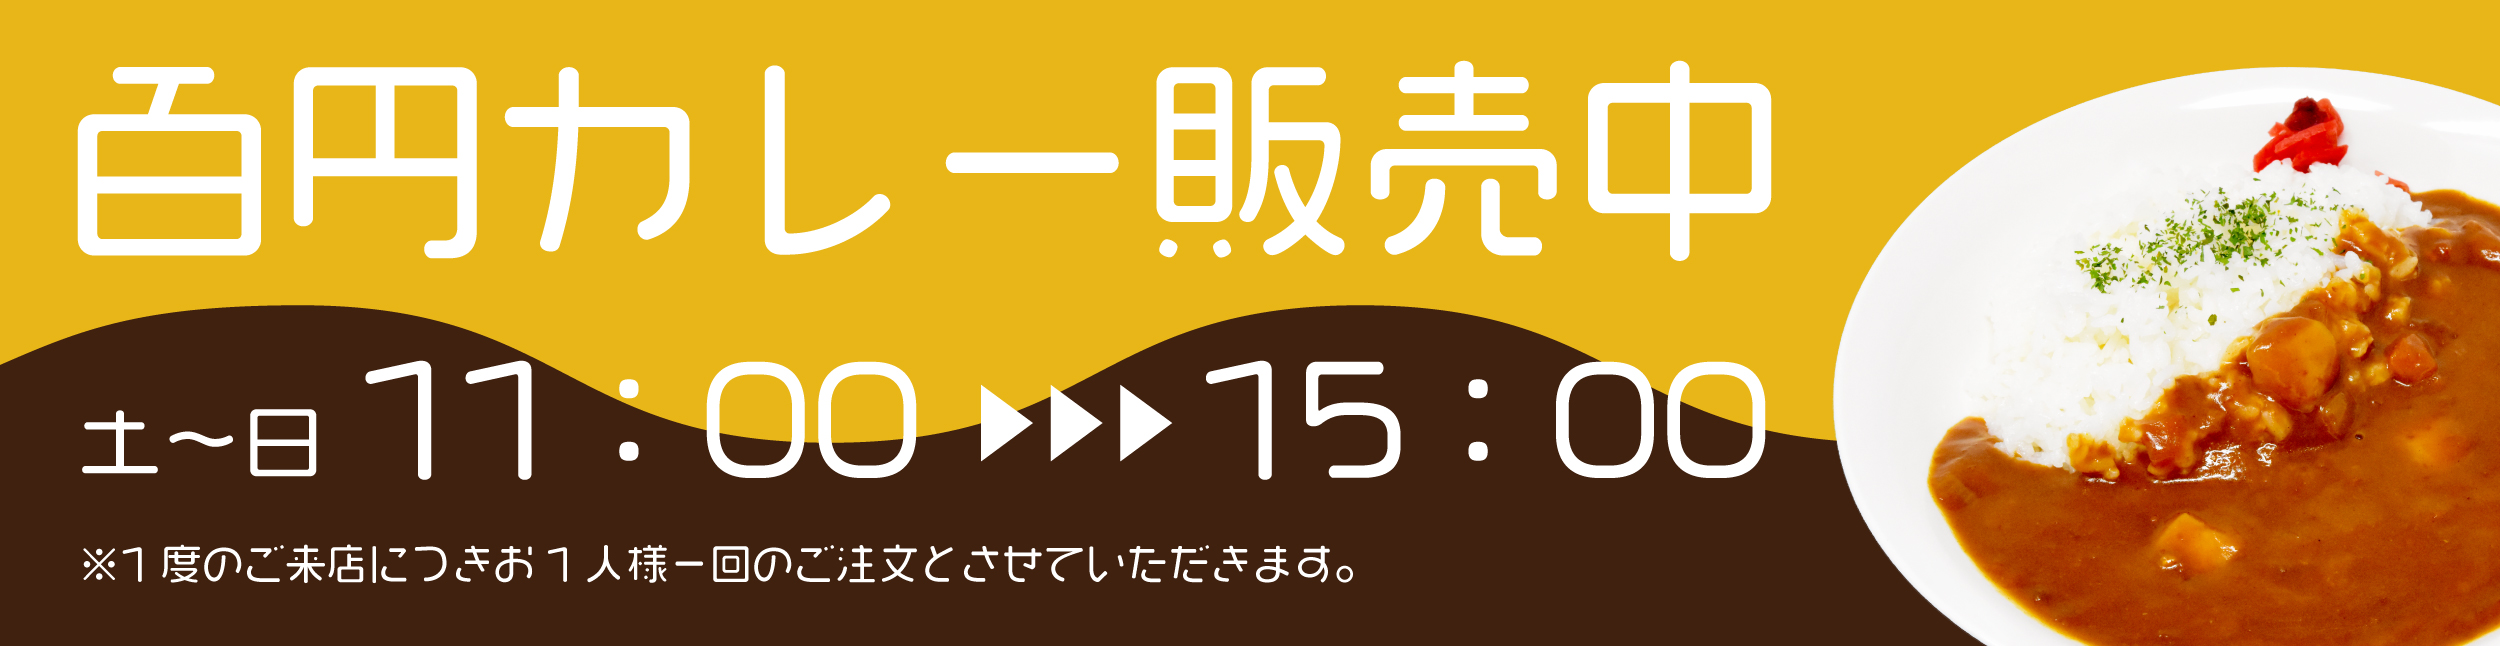 100円カレー販売中(土日限定)